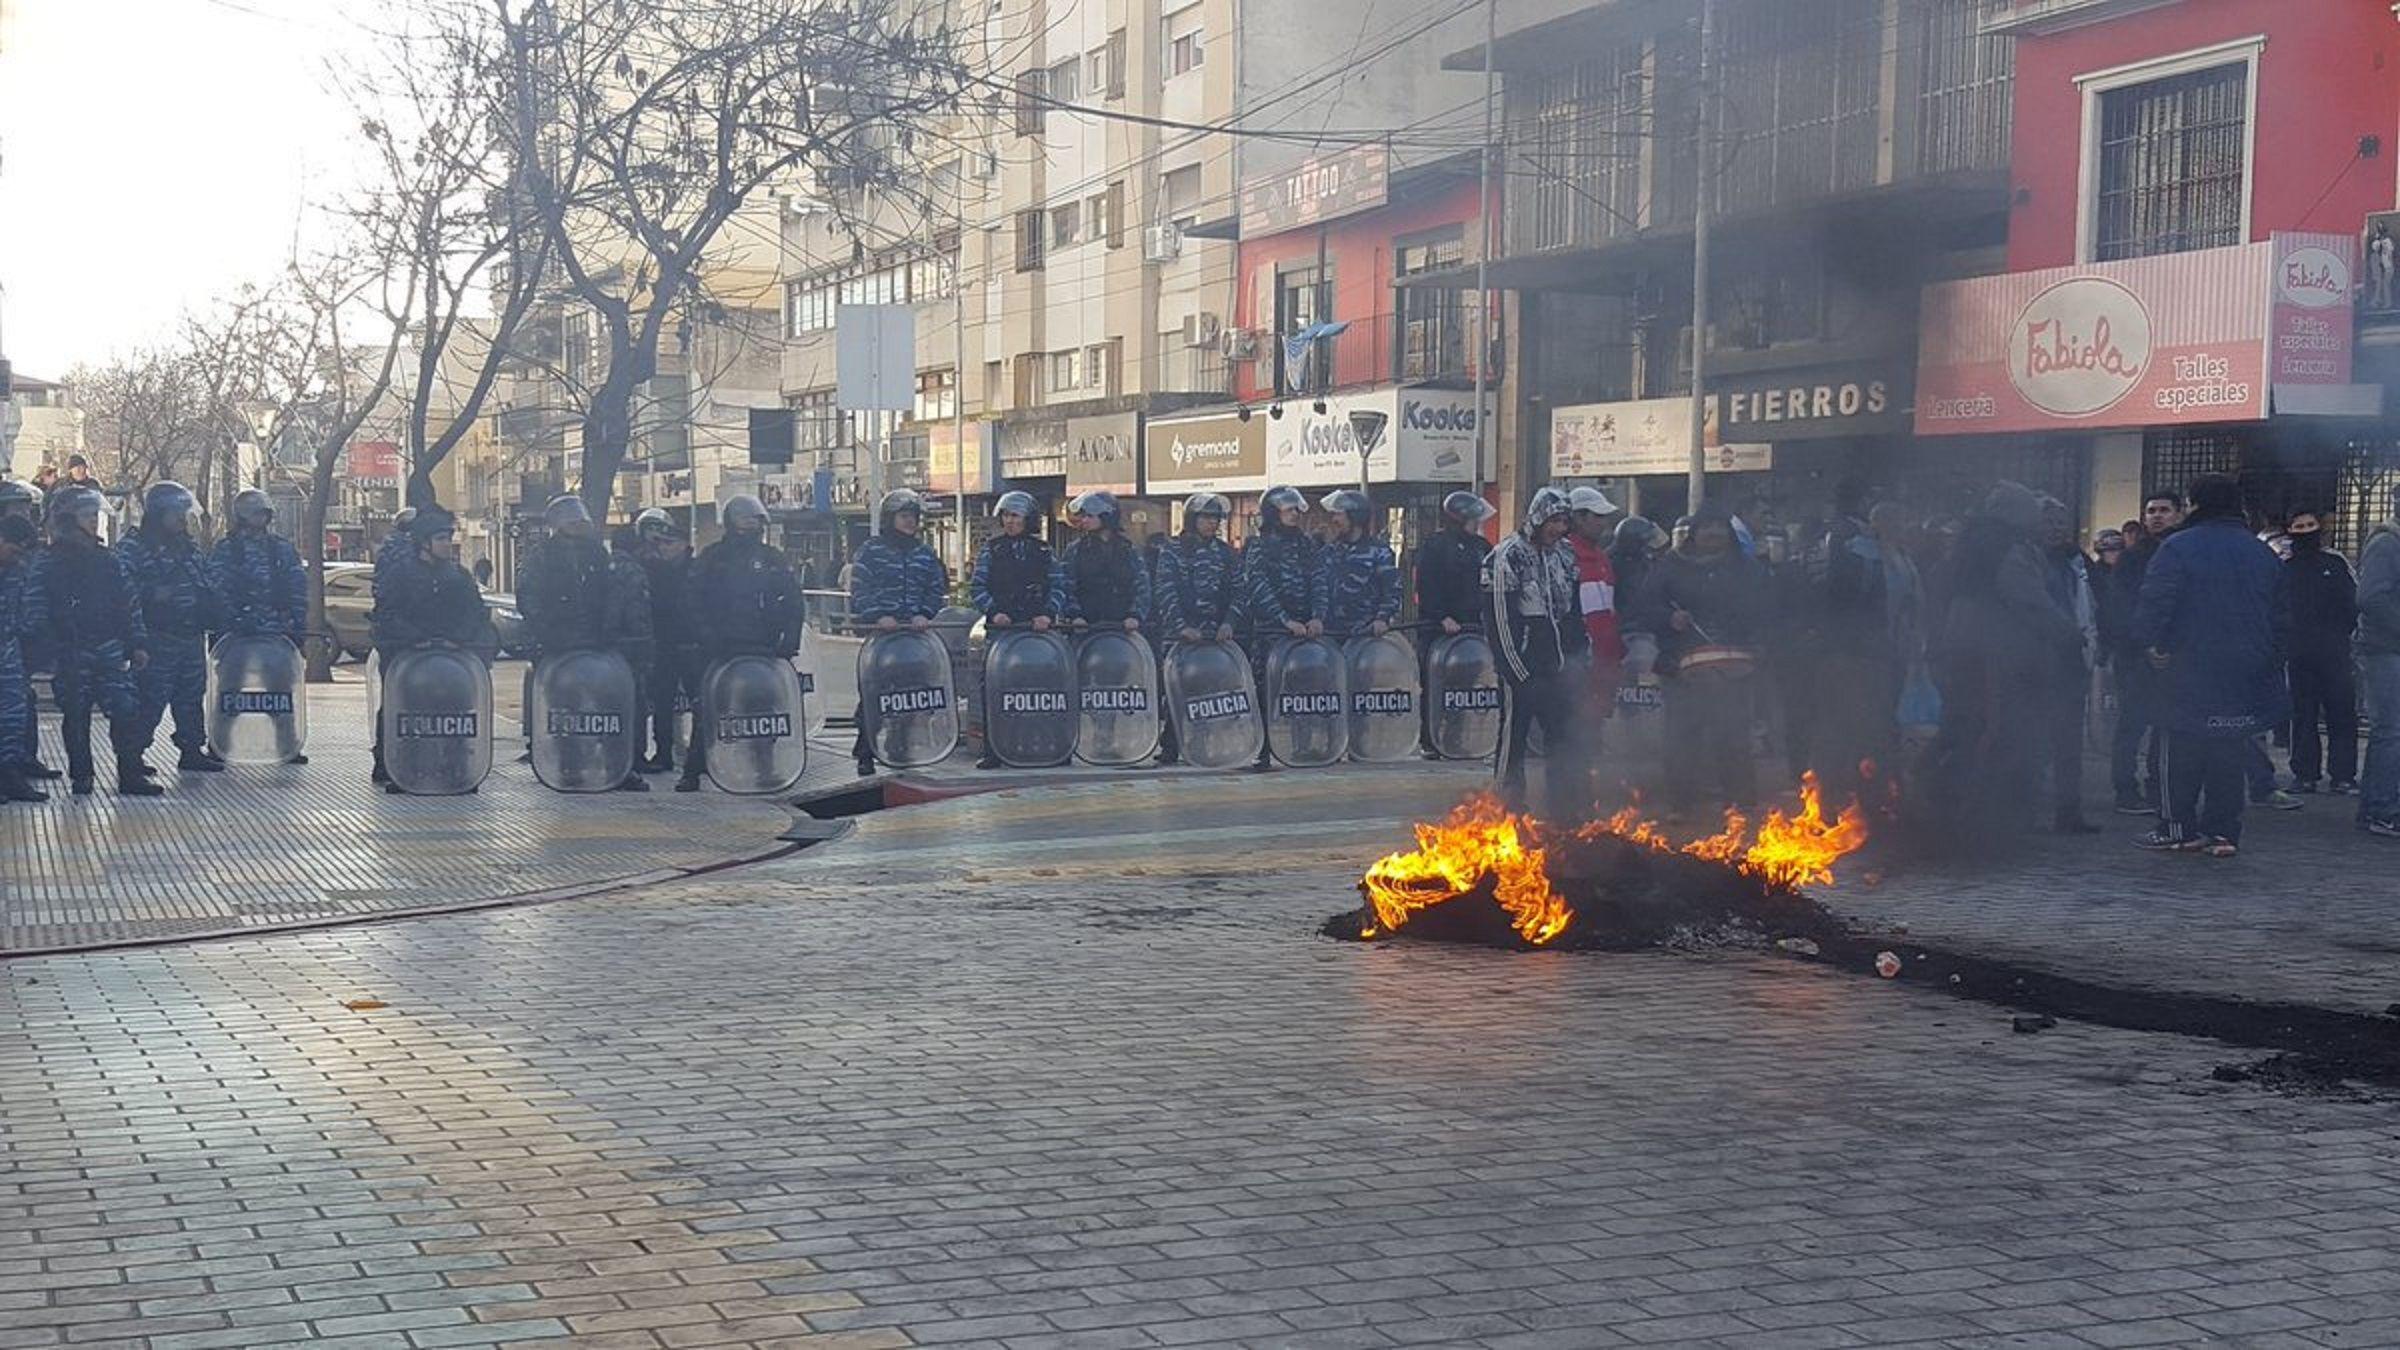 Incidentes y tensión en Morón: manteros reclaman que les devuelvan sus puestos de trabajo